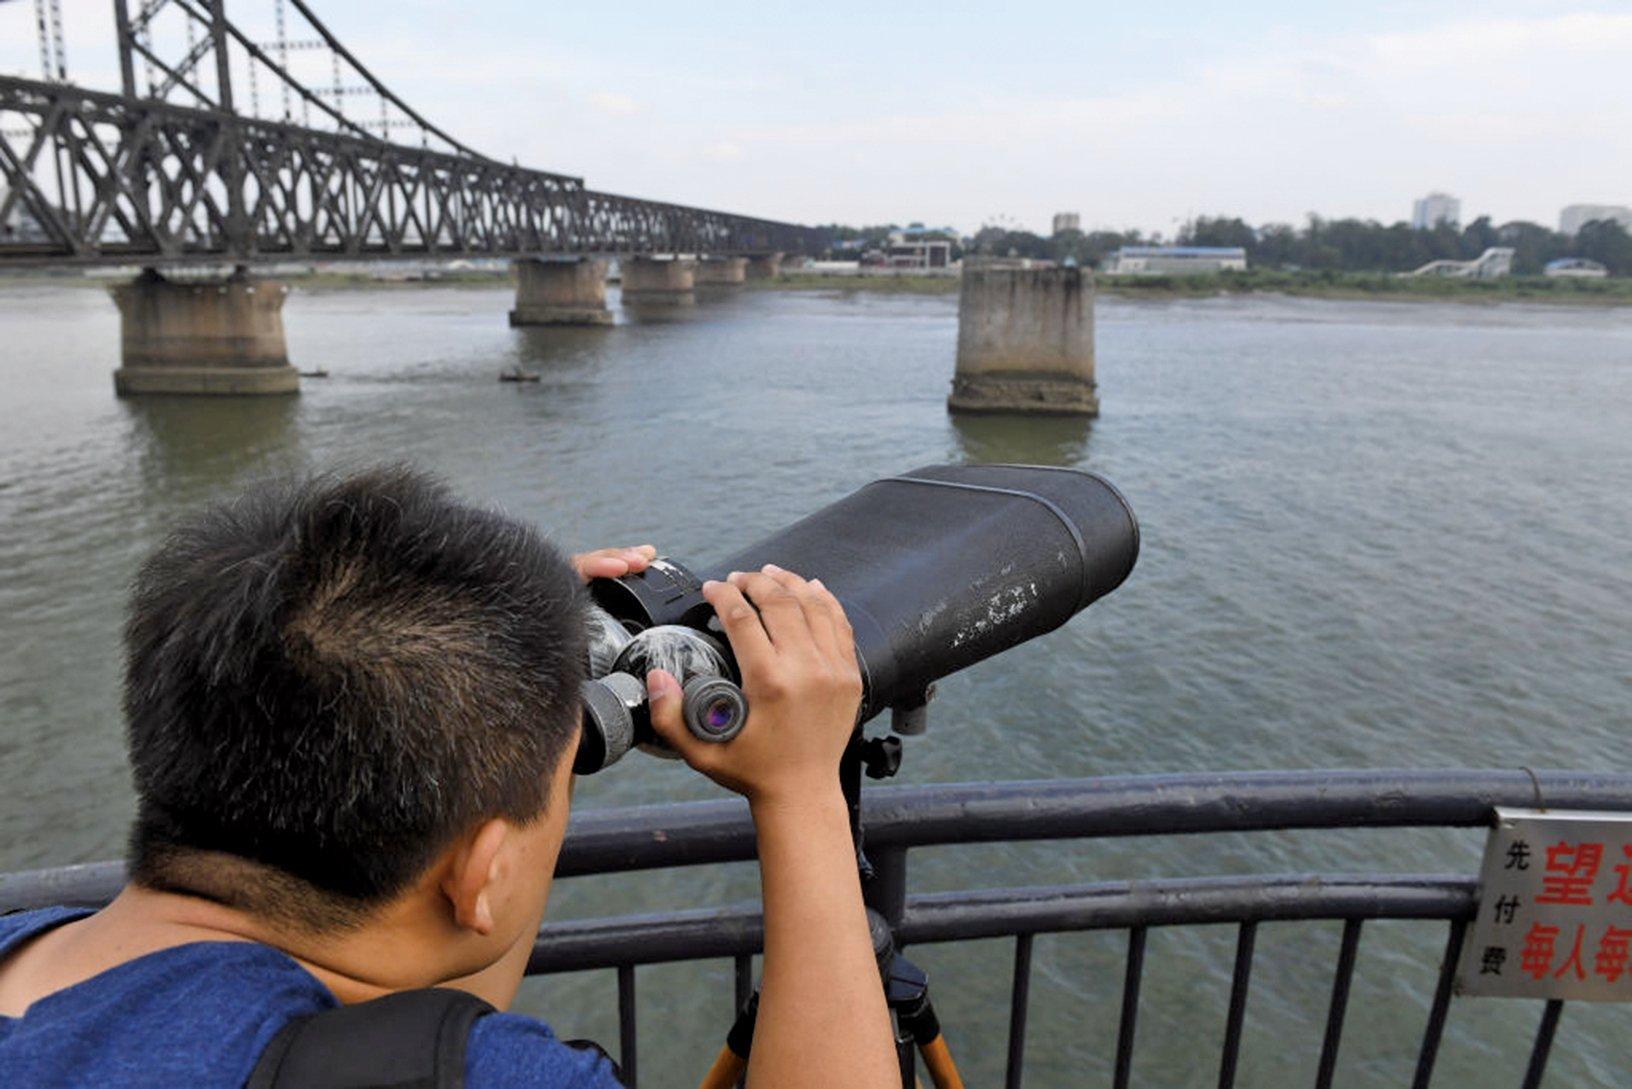 中朝邊境,遼寧丹東鴨綠江斷橋上一人用望遠鏡觀察對岸的北韓一方。(Getty Images)